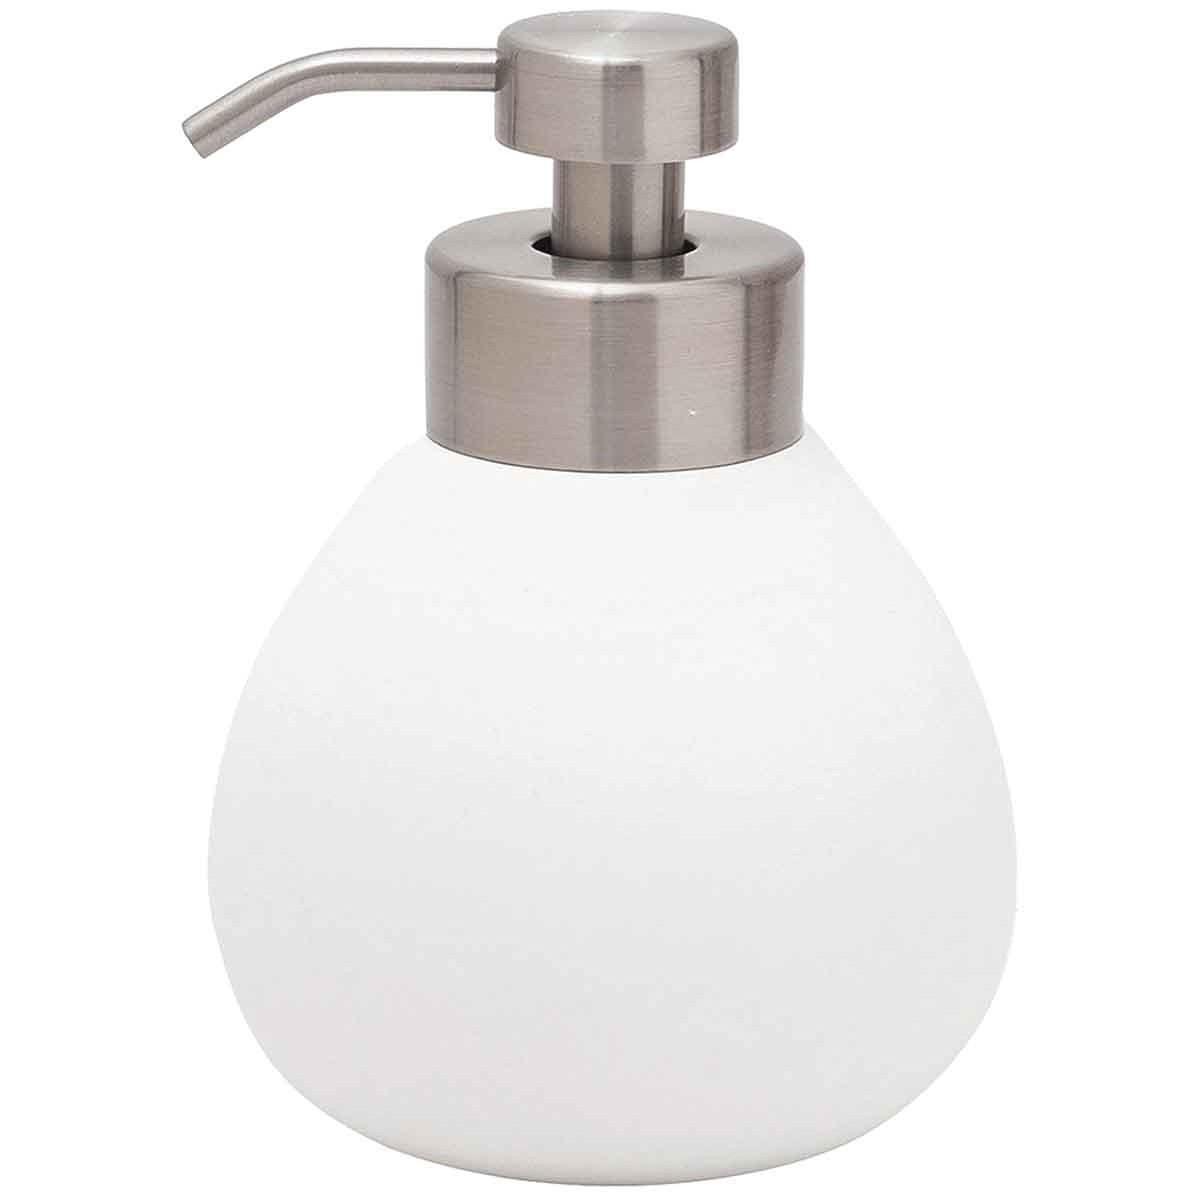 Distributeur de savon en céramique  Blanc